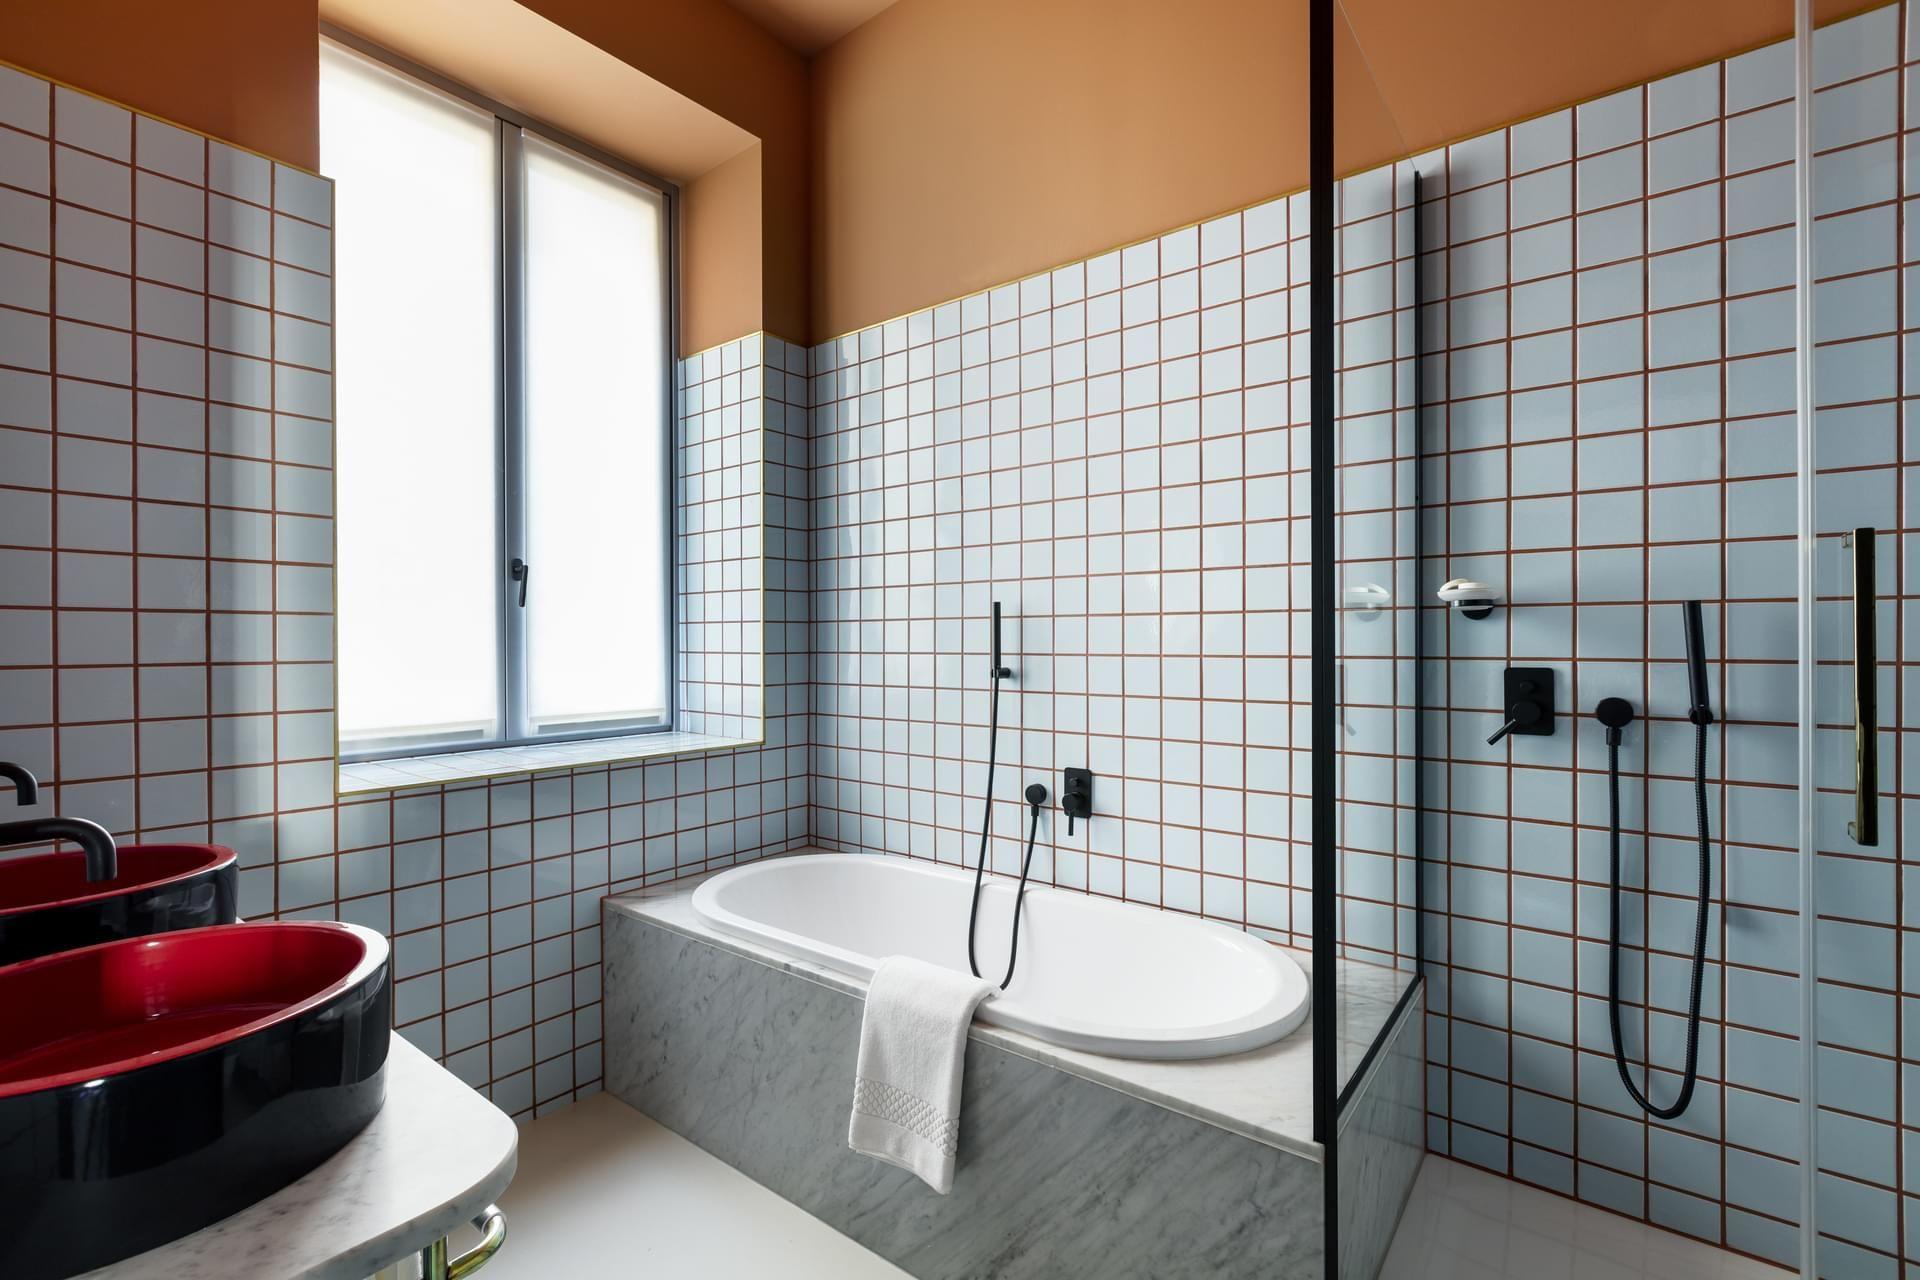 Home design bildergalerie klinker hotel bildergalerie  room mate giulia   pup up store